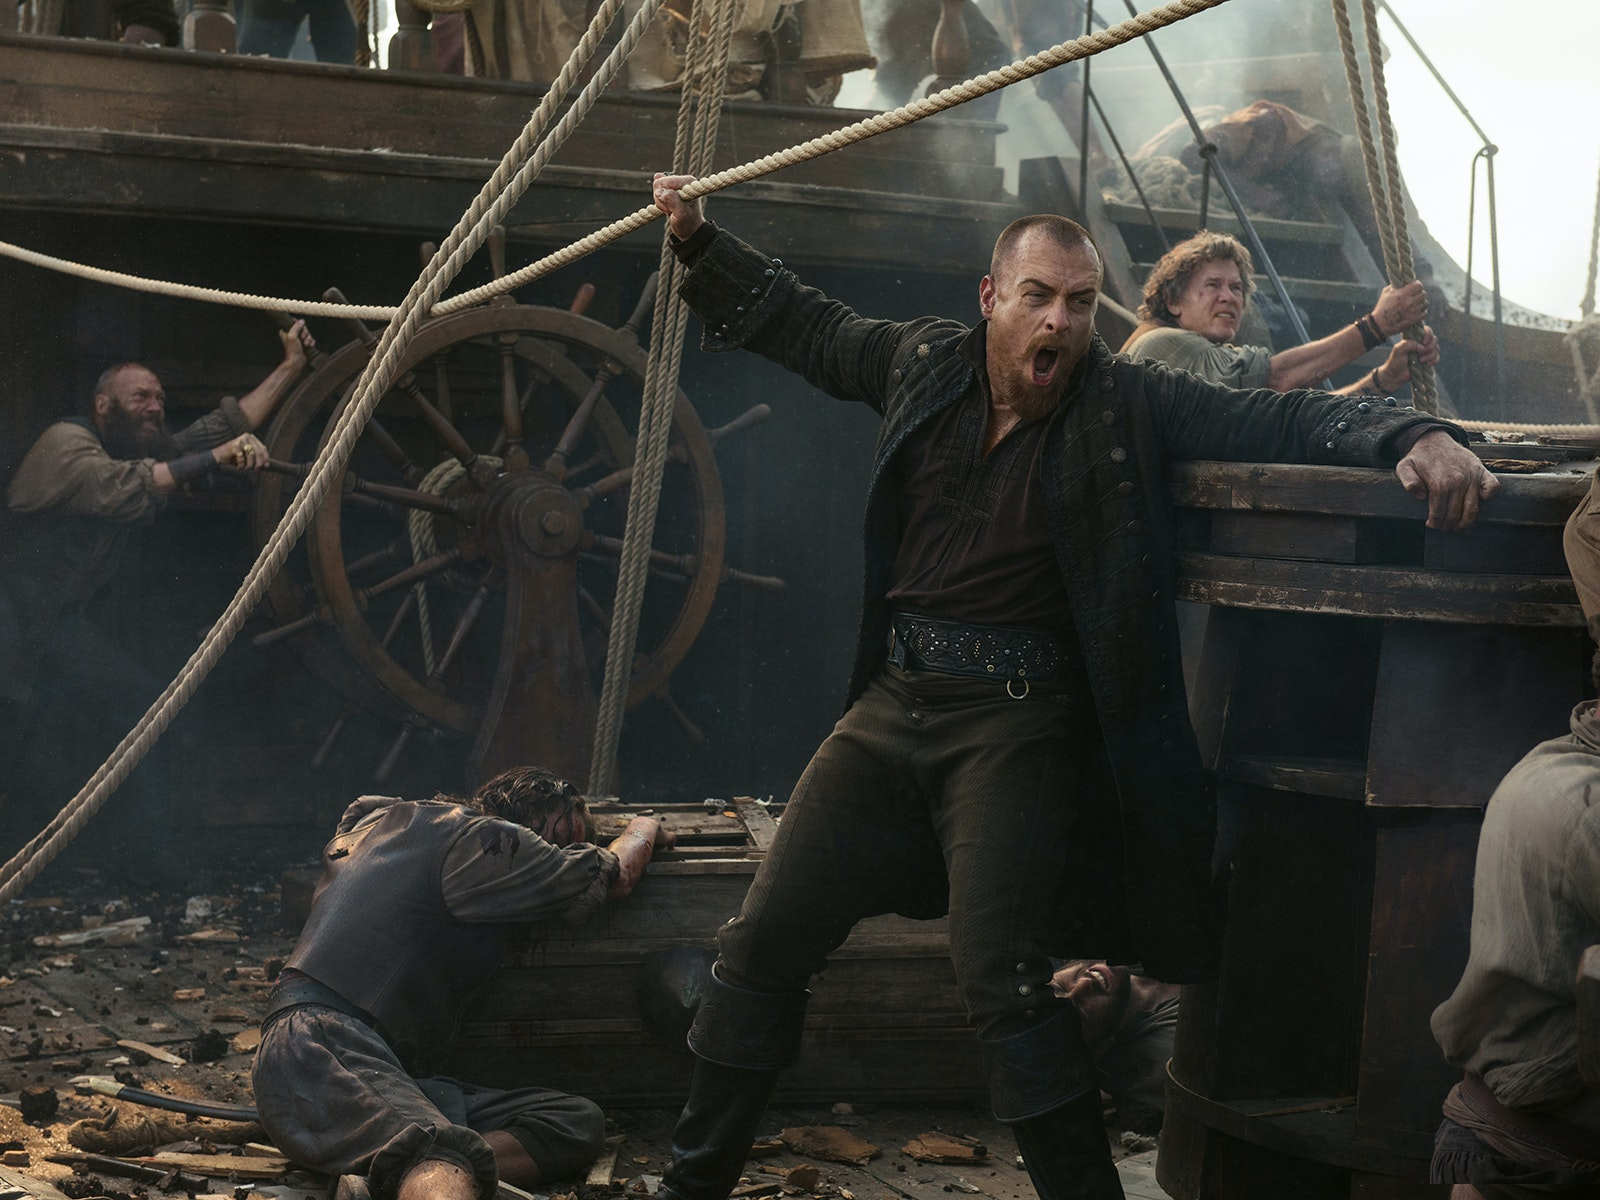 'Black Sails' Season 4 Will Deliver Vengeance for Charles Vane